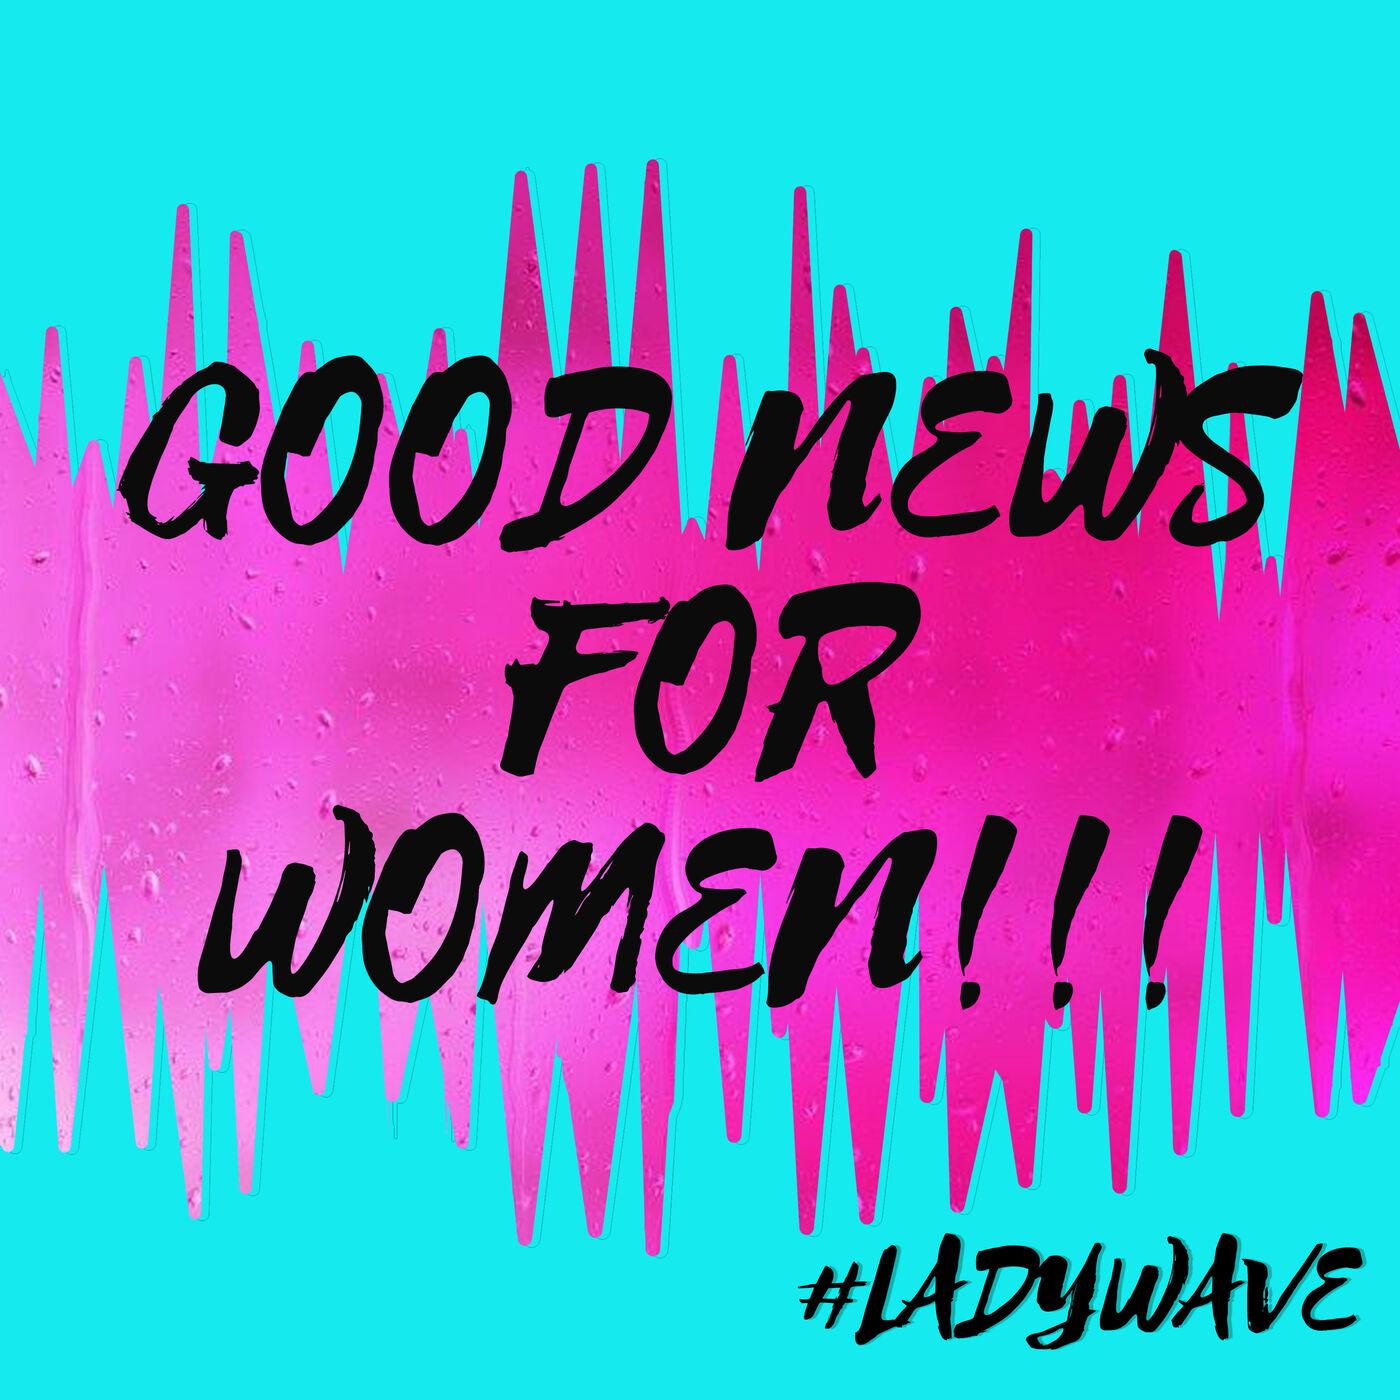 Good News for Women!